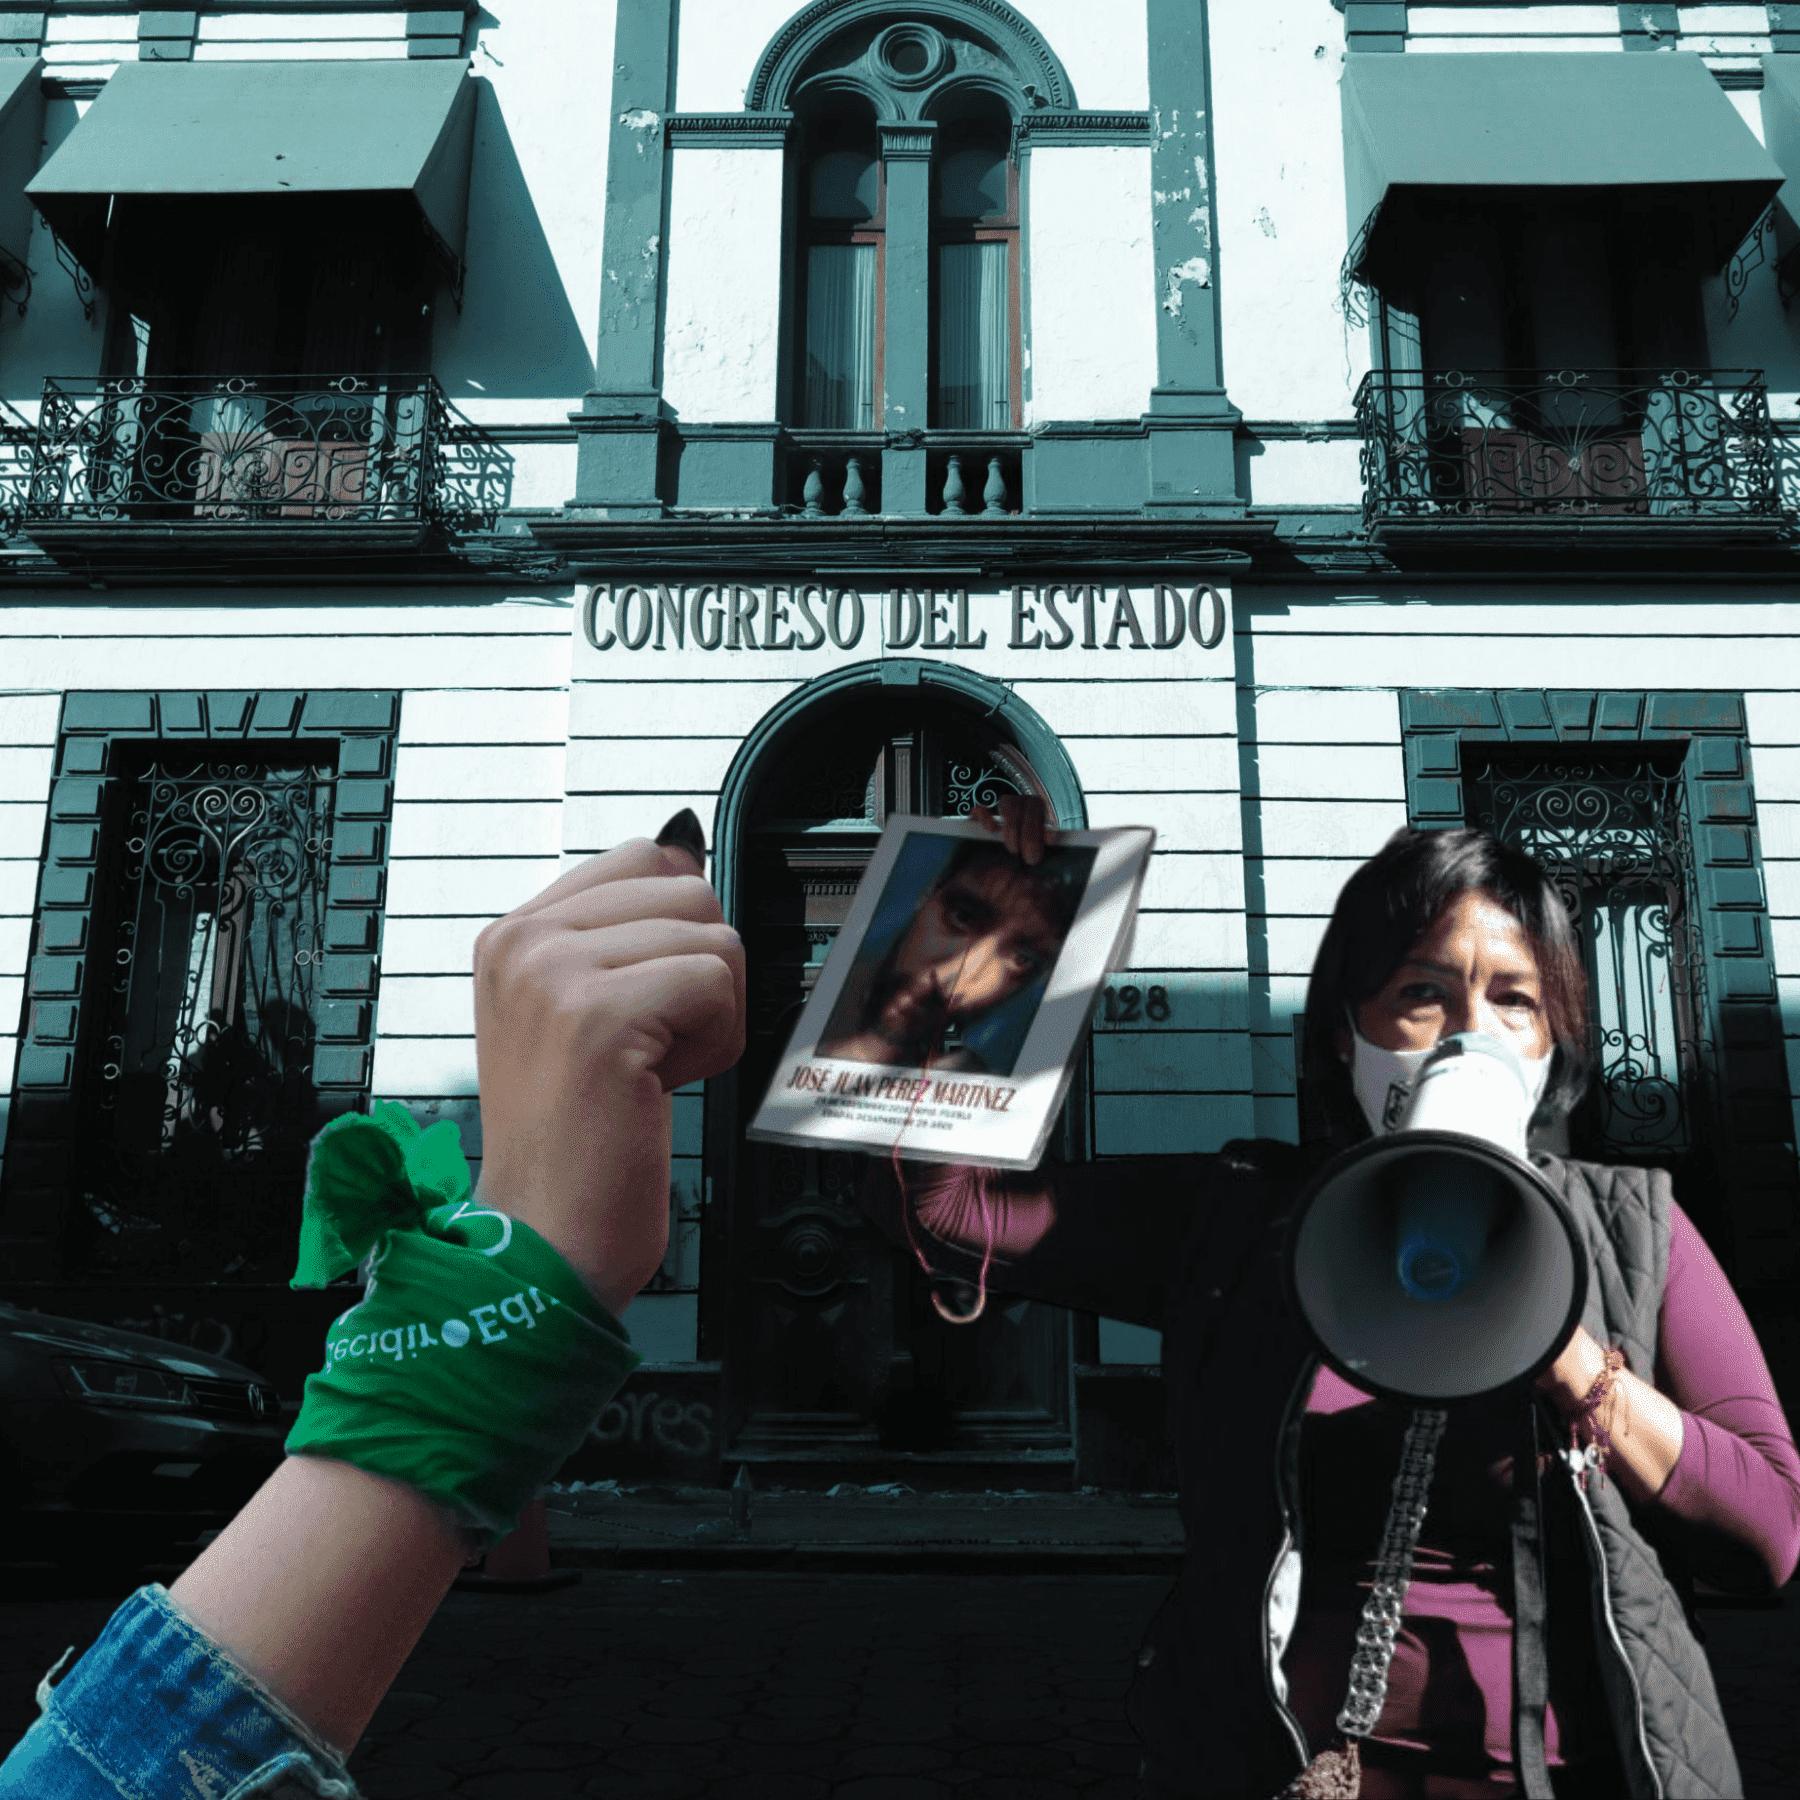 Congreso de Puebla aborto y desaparecidos sin aprobar